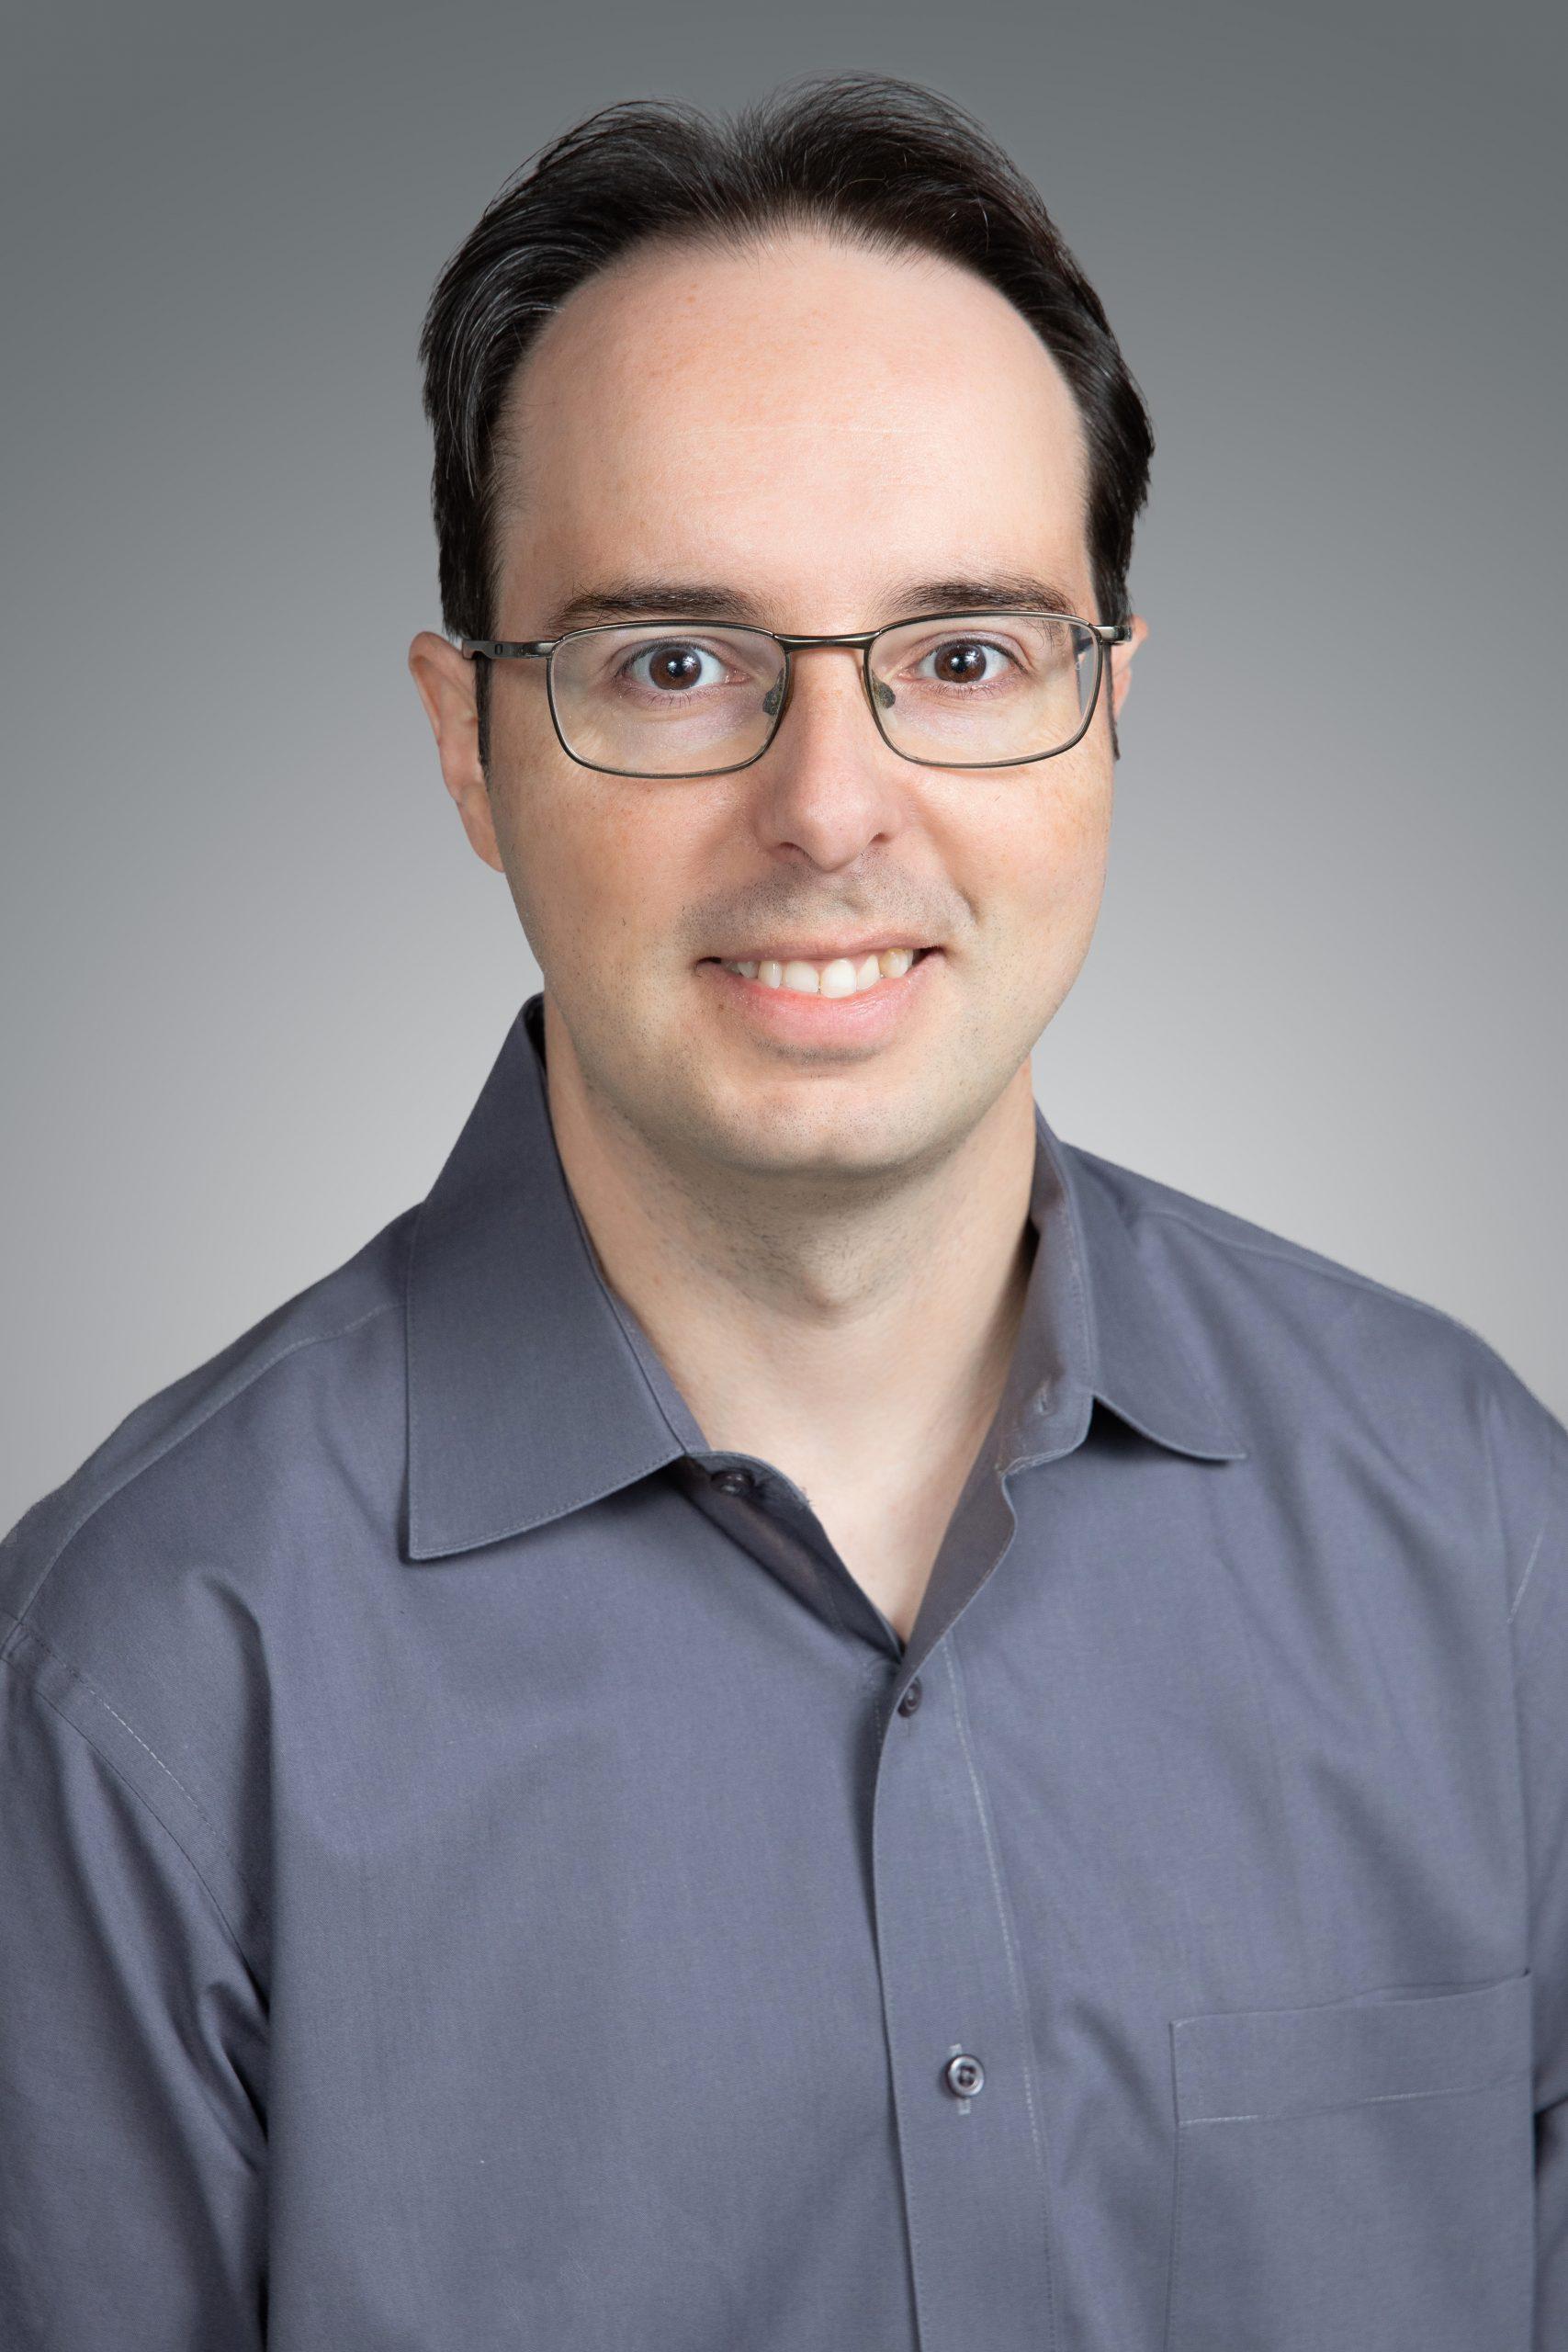 Martin Belleau